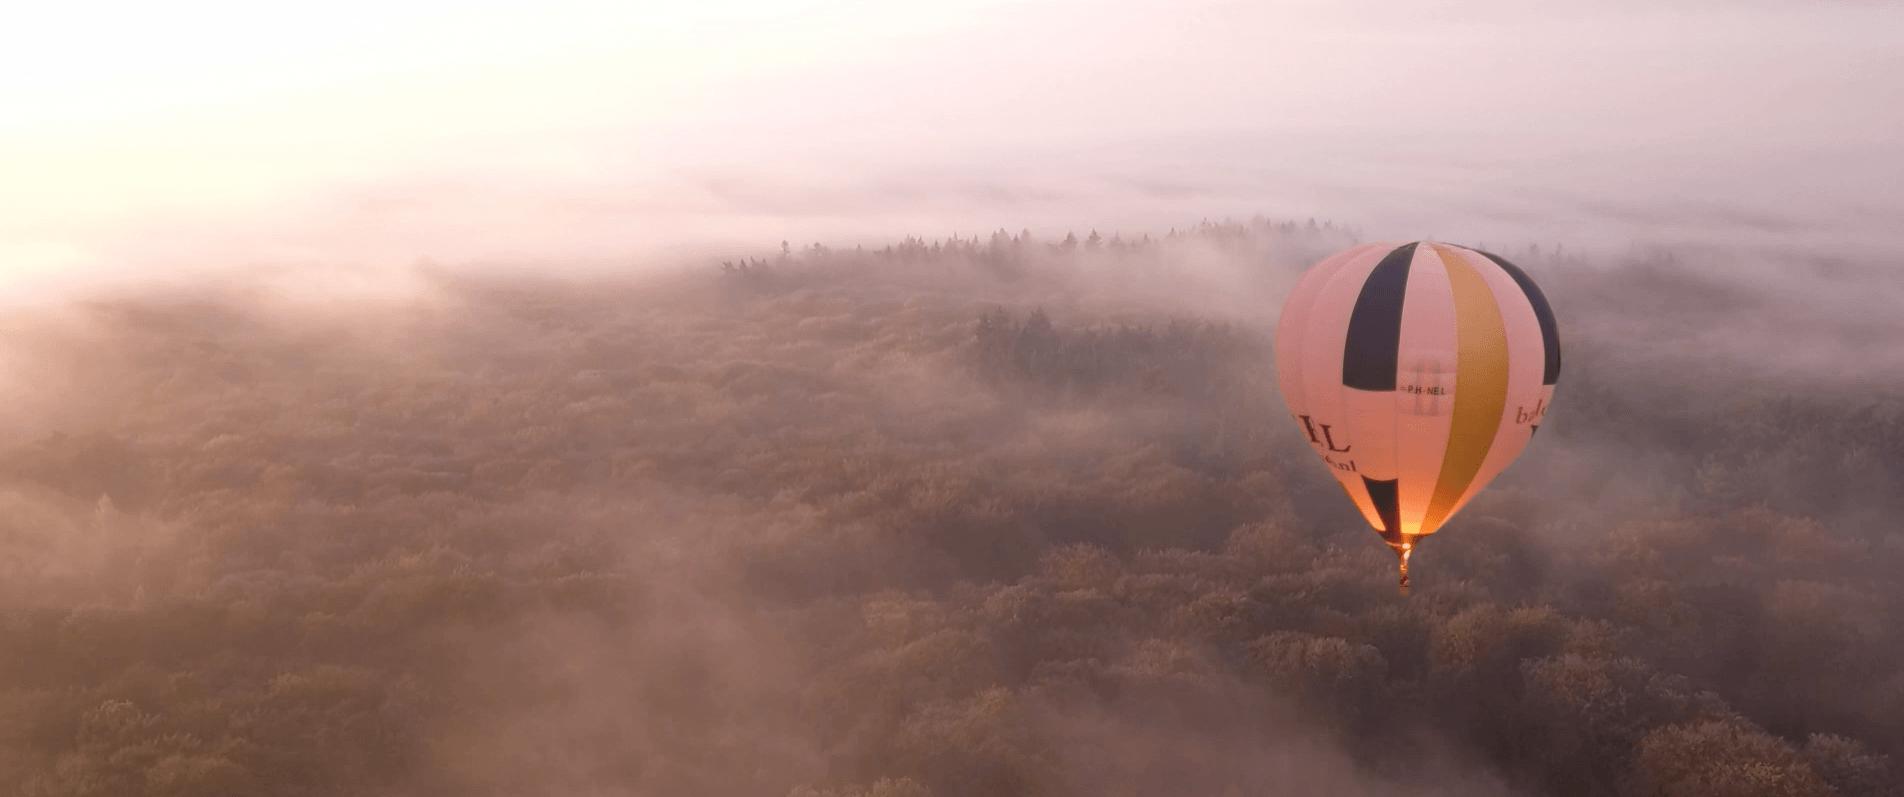 Veluwe | Branding 2019